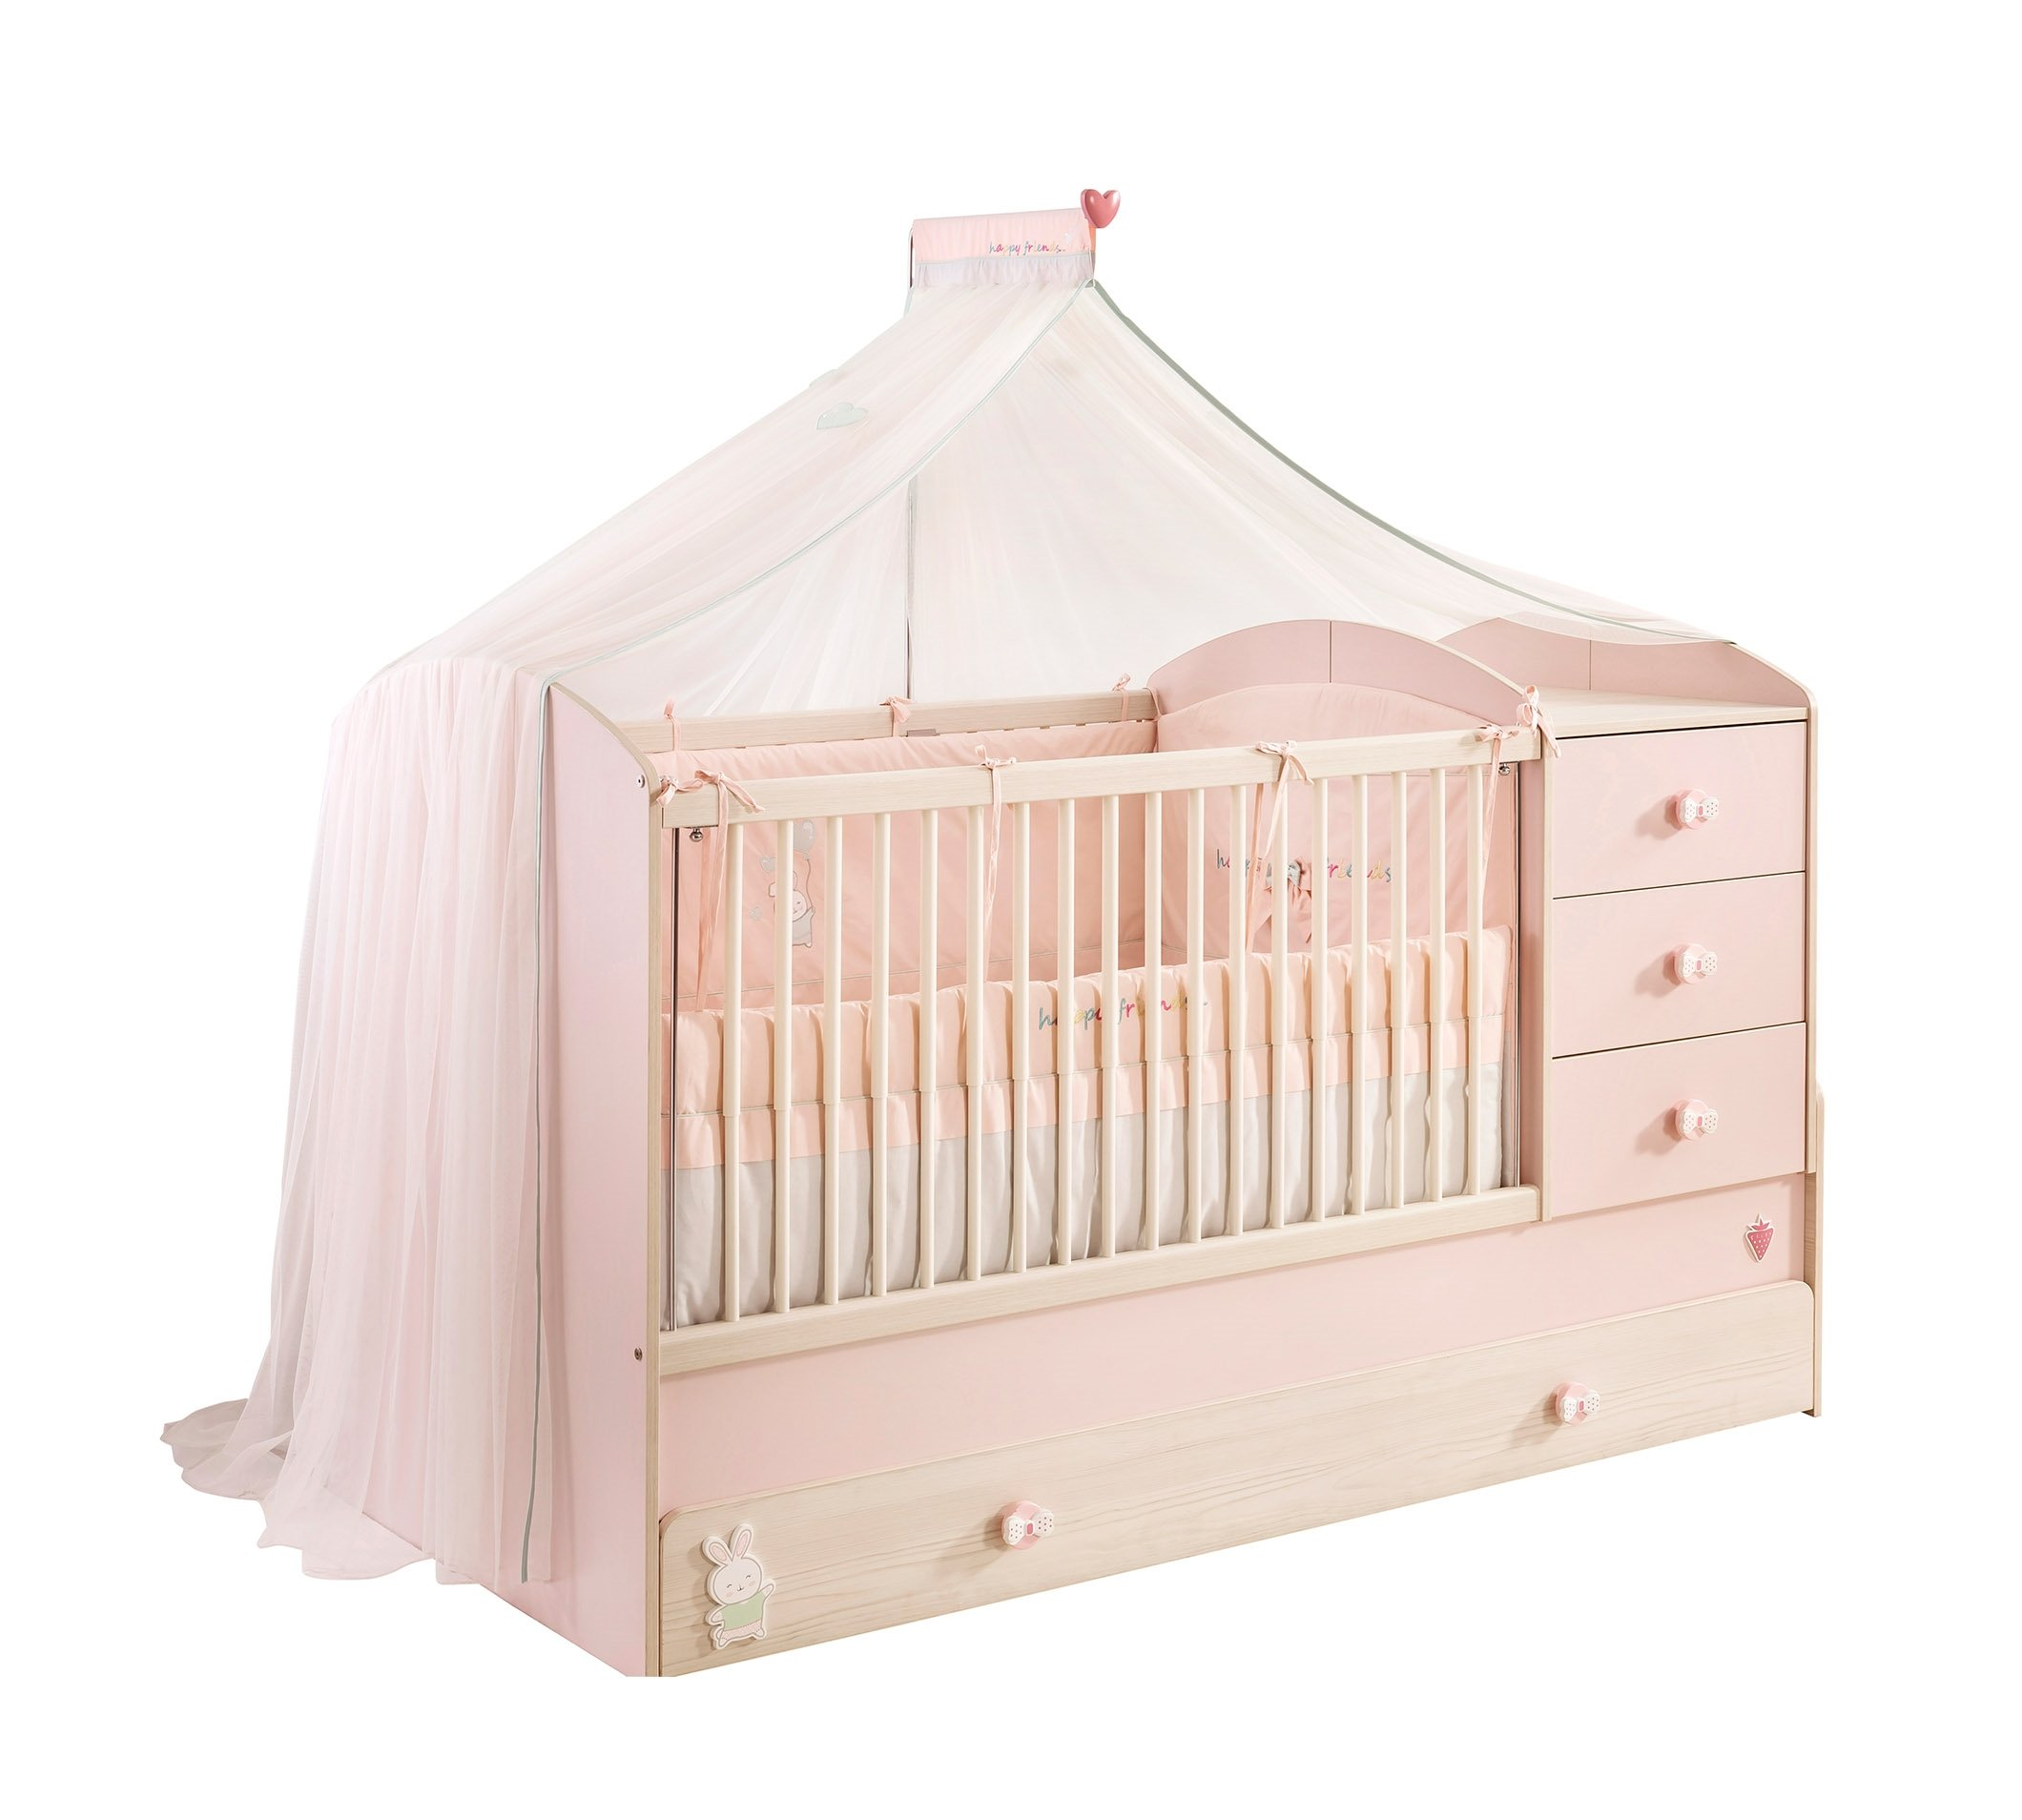 cilek baby girl betthimmel s sser himmel zum super preis. Black Bedroom Furniture Sets. Home Design Ideas